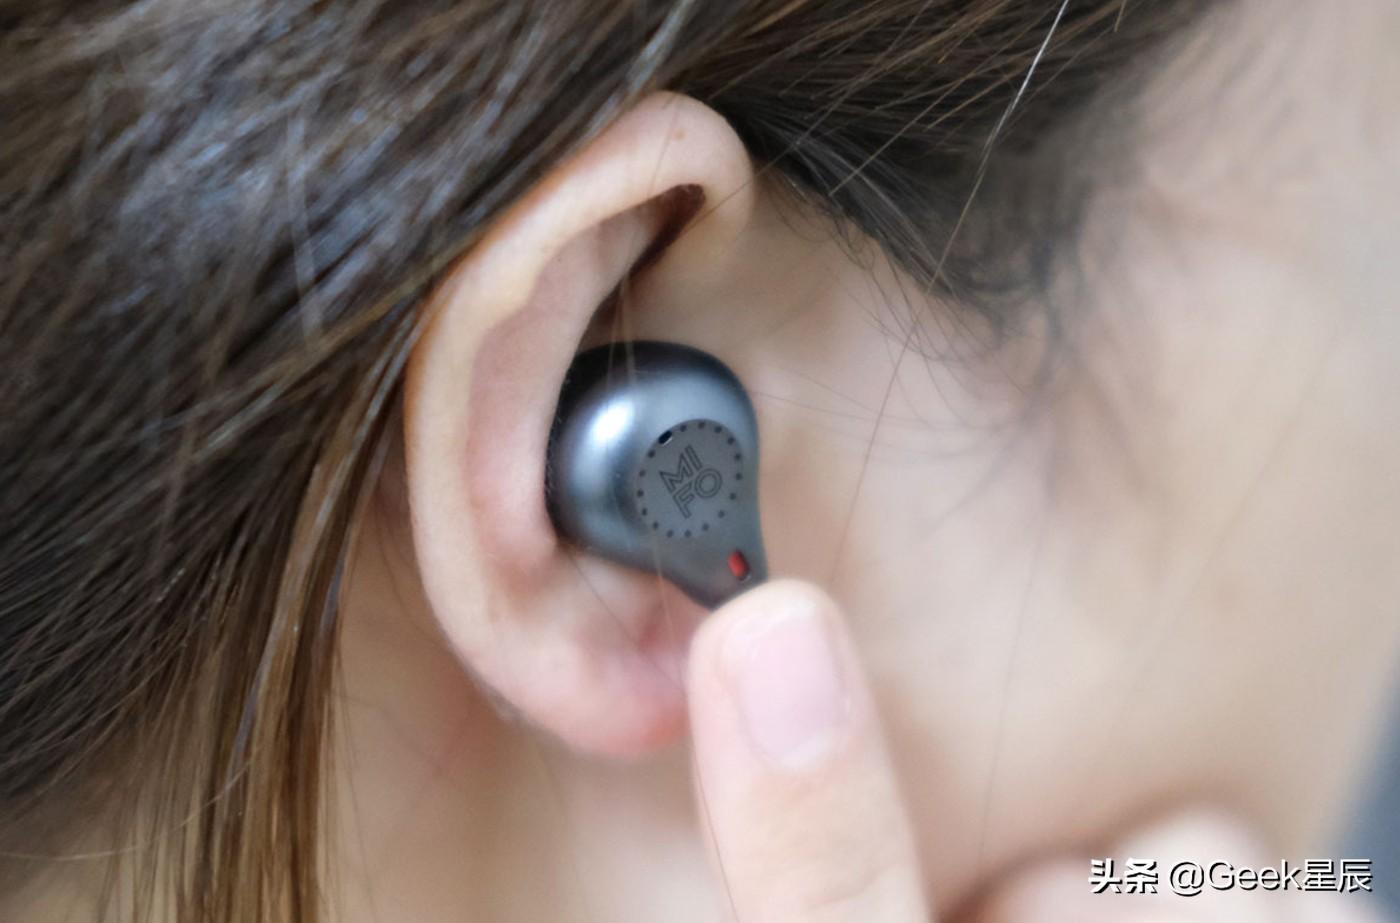 无线耳机迈入蓝牙5.2时代,全频动铁加双麦降噪是什么样的体验?